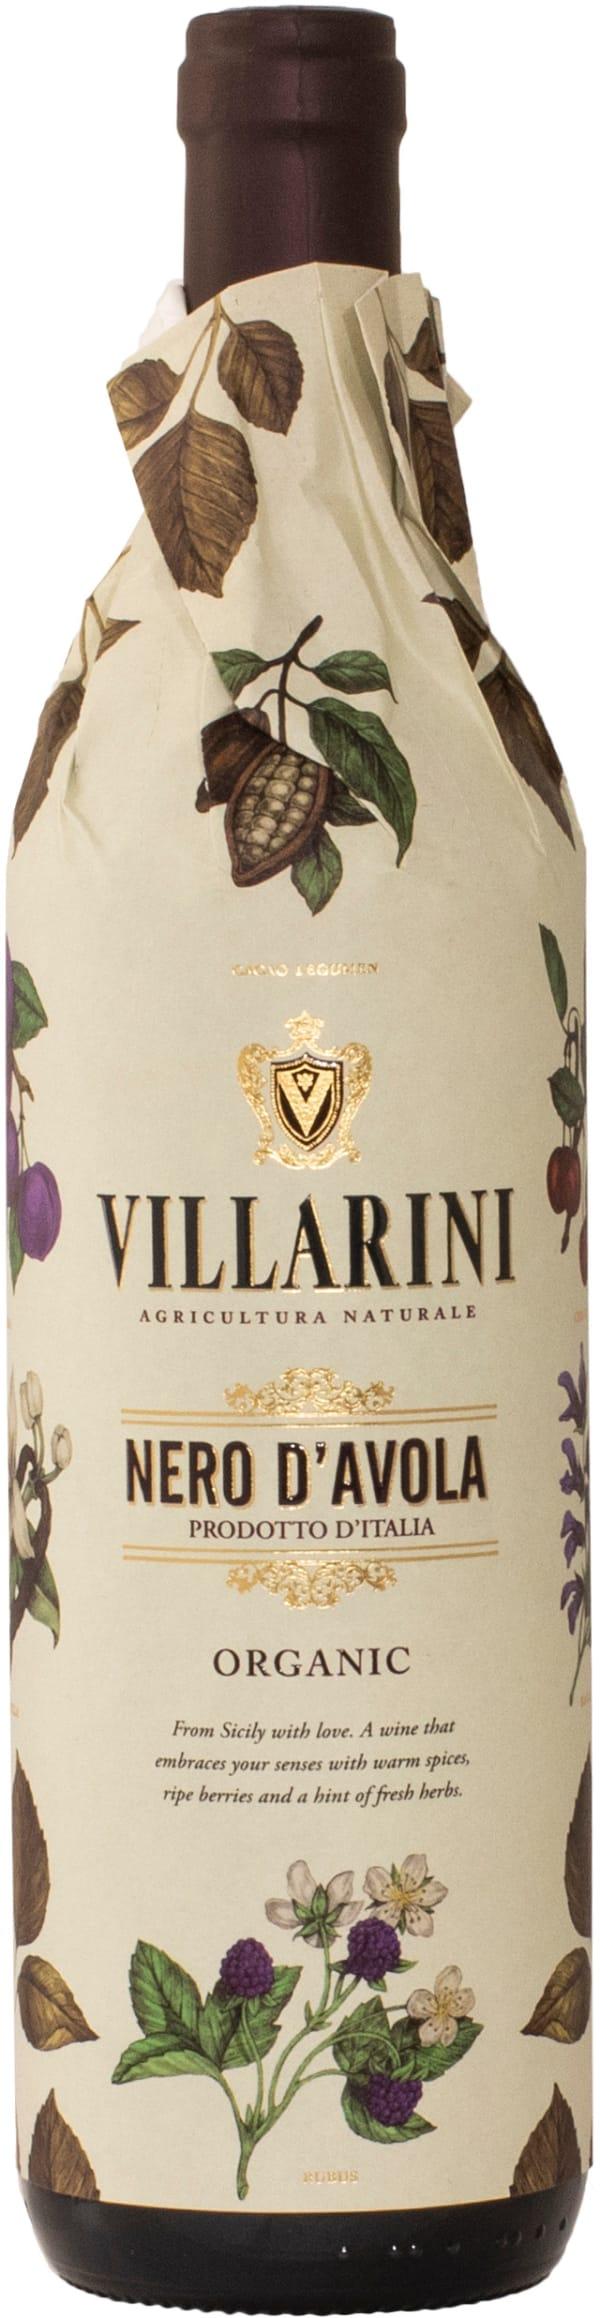 Villarini Nero d'Avola Organic 2018